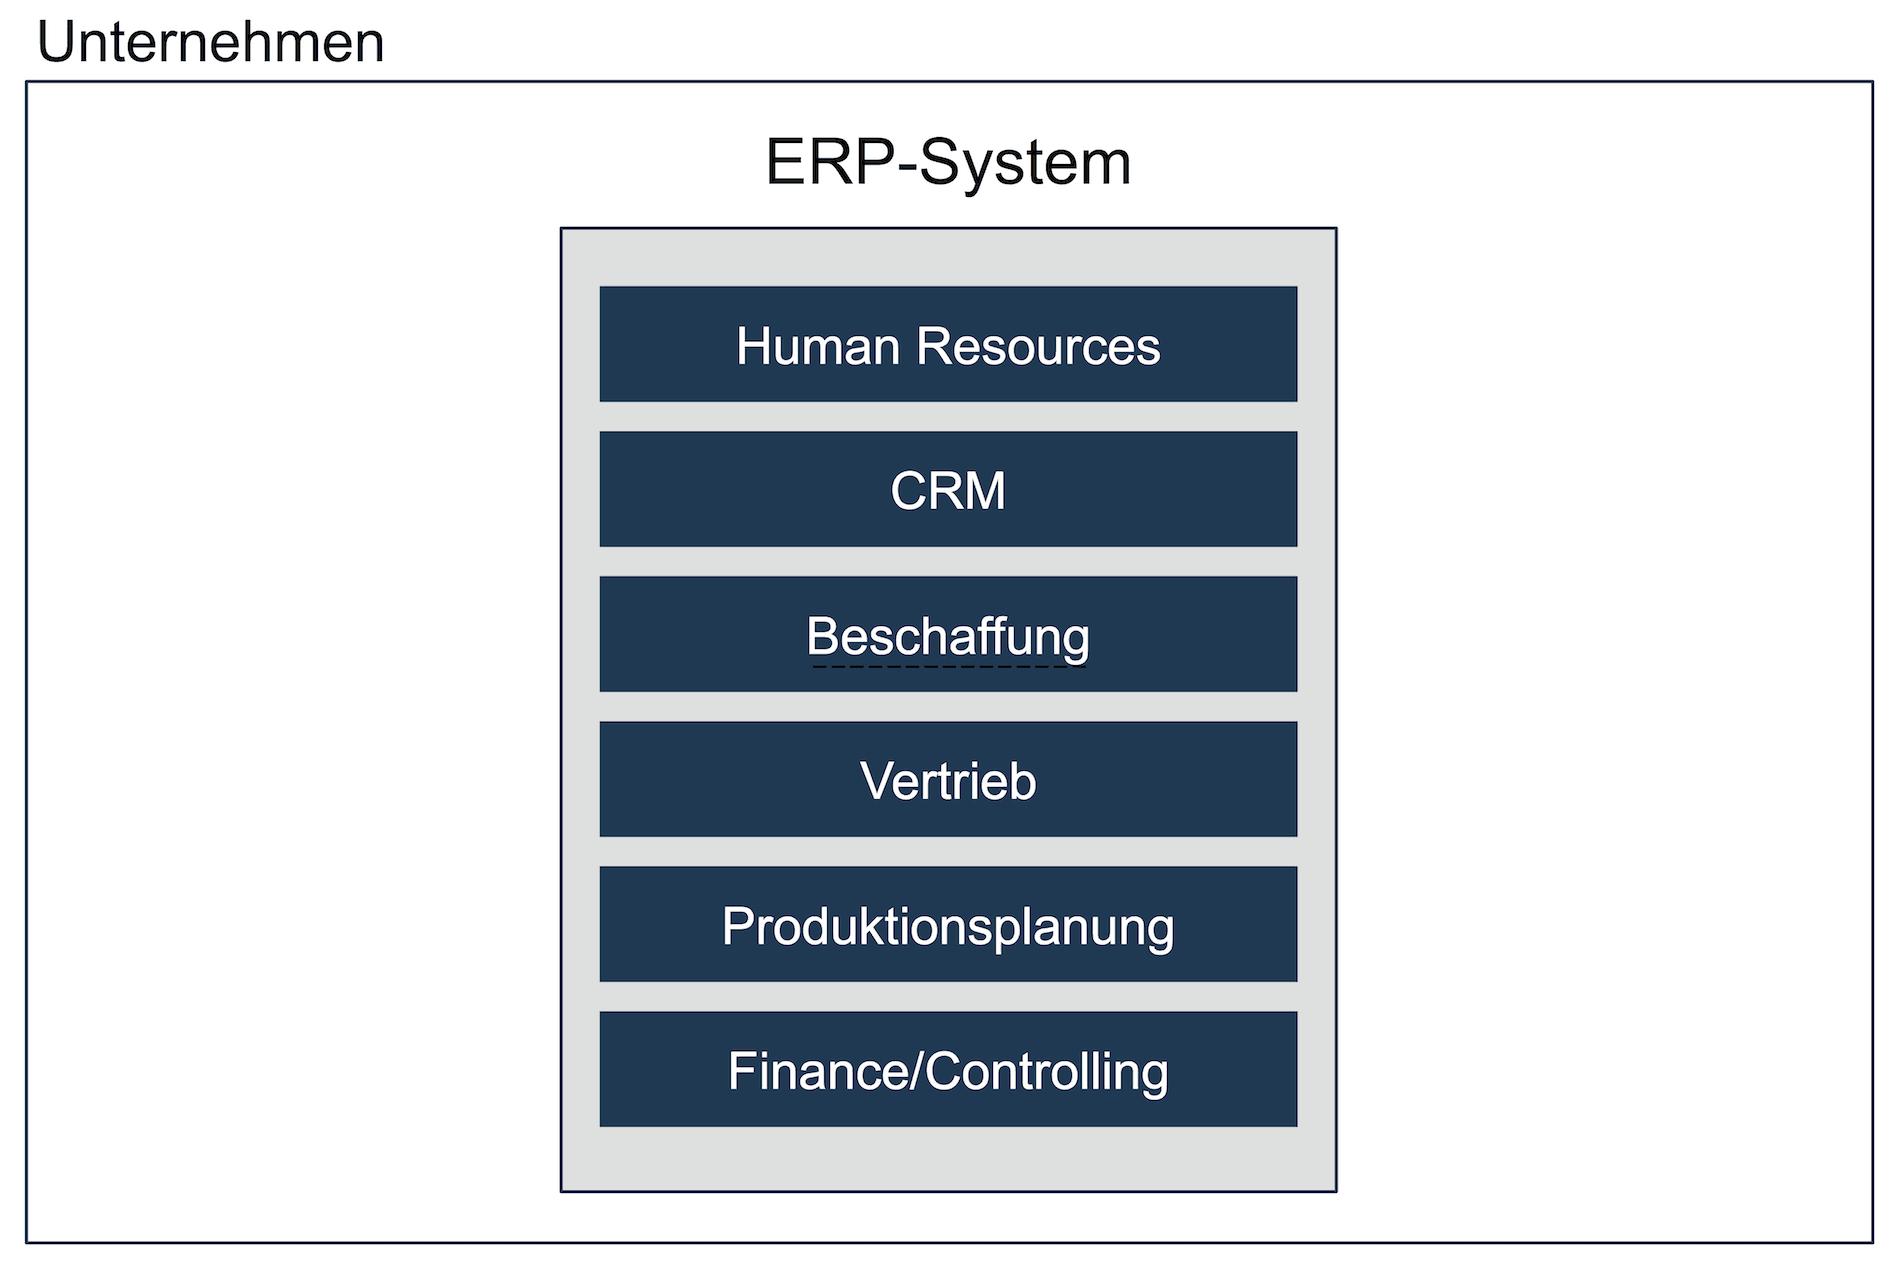 ERP-System der Generation 1 - Software Monolith